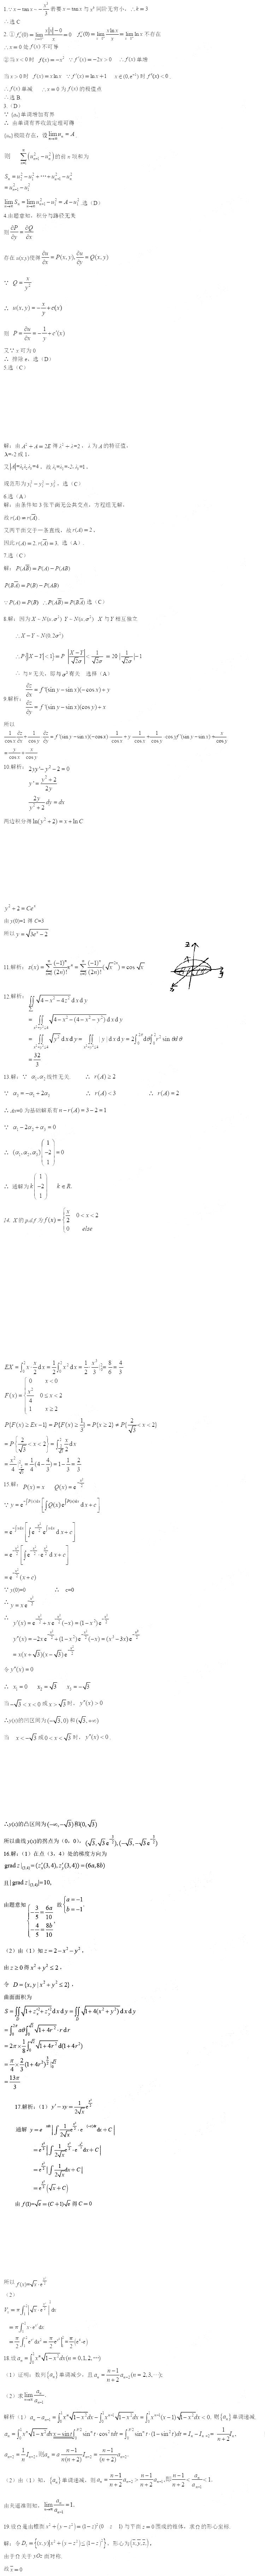 2019年考研《数学一》答案及解析(完整?文都版)